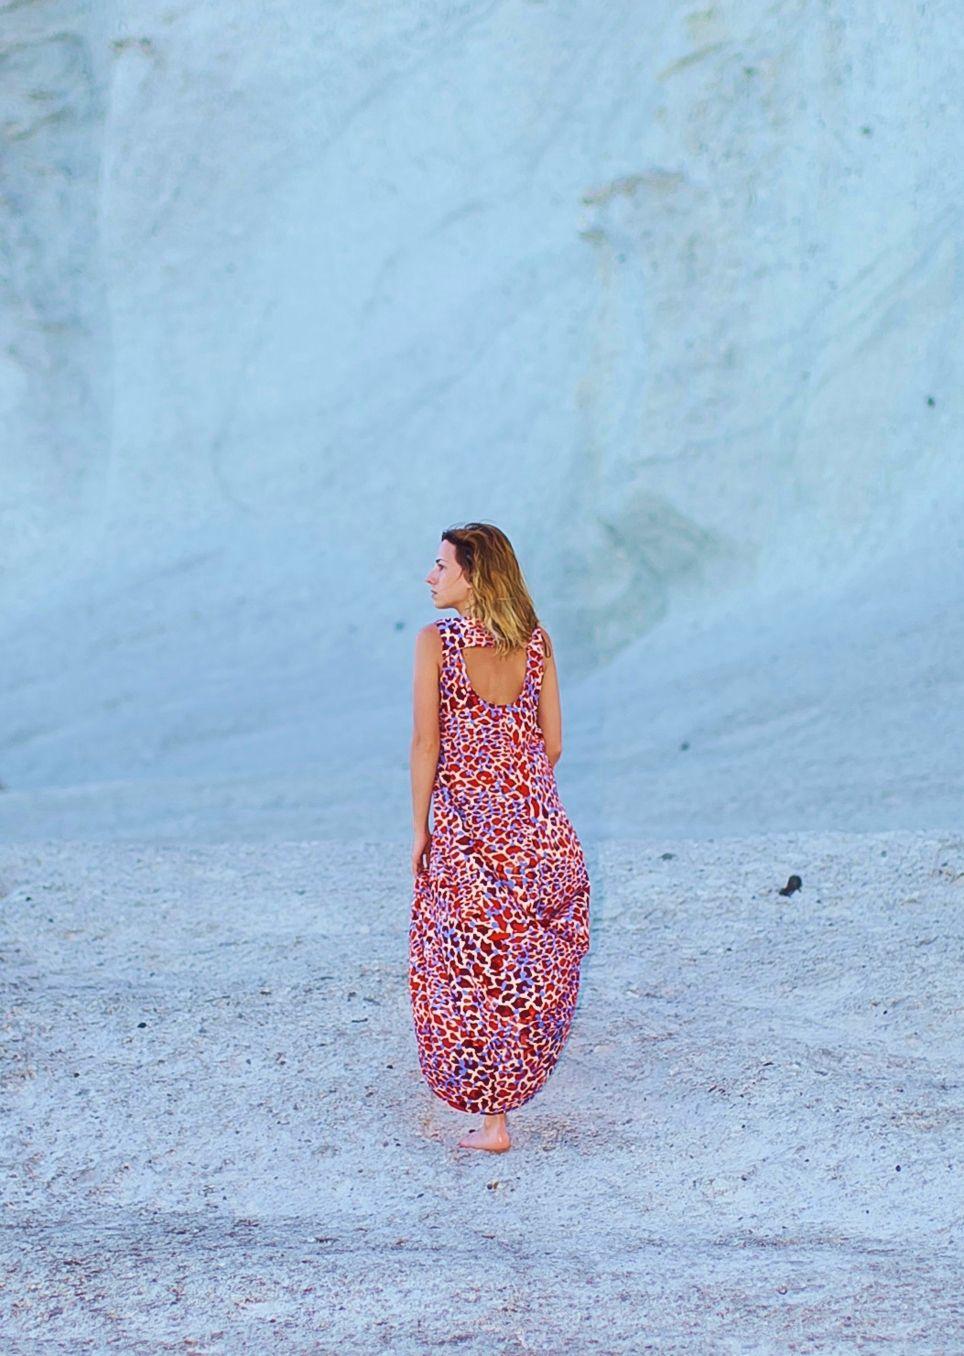 Beach: Hoy comparto con vosotr@s una sesión de fotos en la playa, cuyo único protagonista es el vestido.